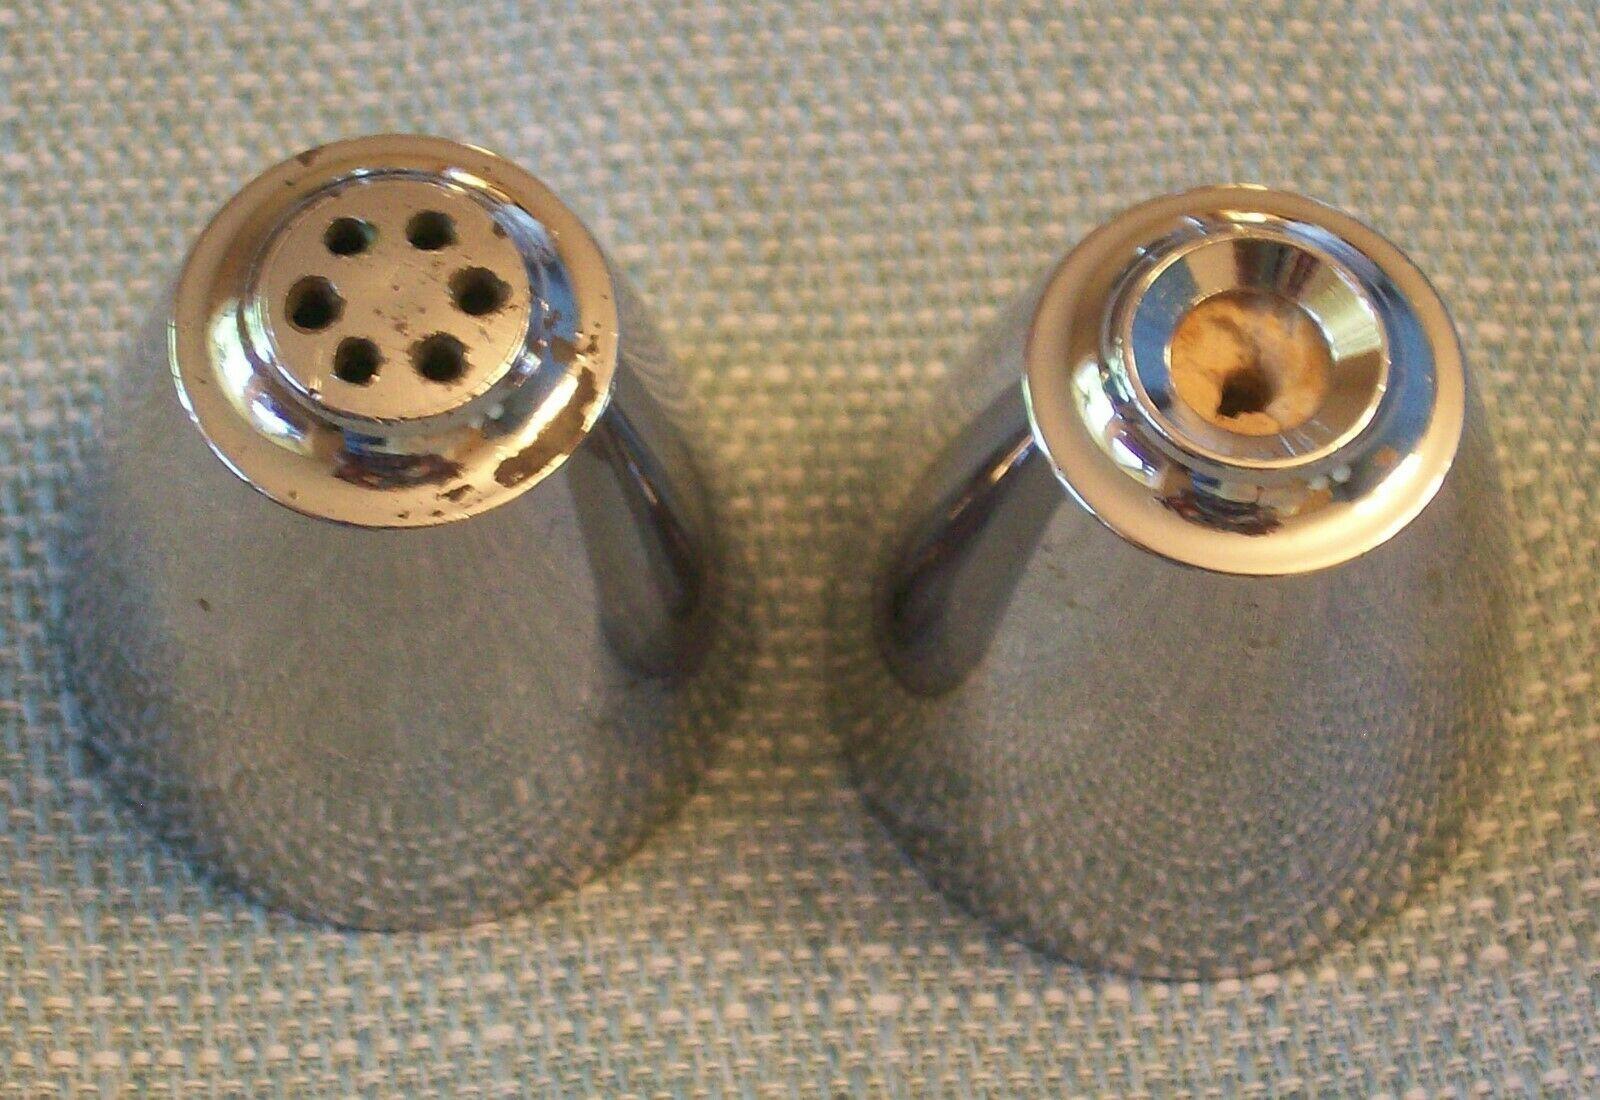 Vtg SPICE OF LIFE Salt and Pepper Shakers- ChromeTops -Corelle Gemco Corning GU  image 7